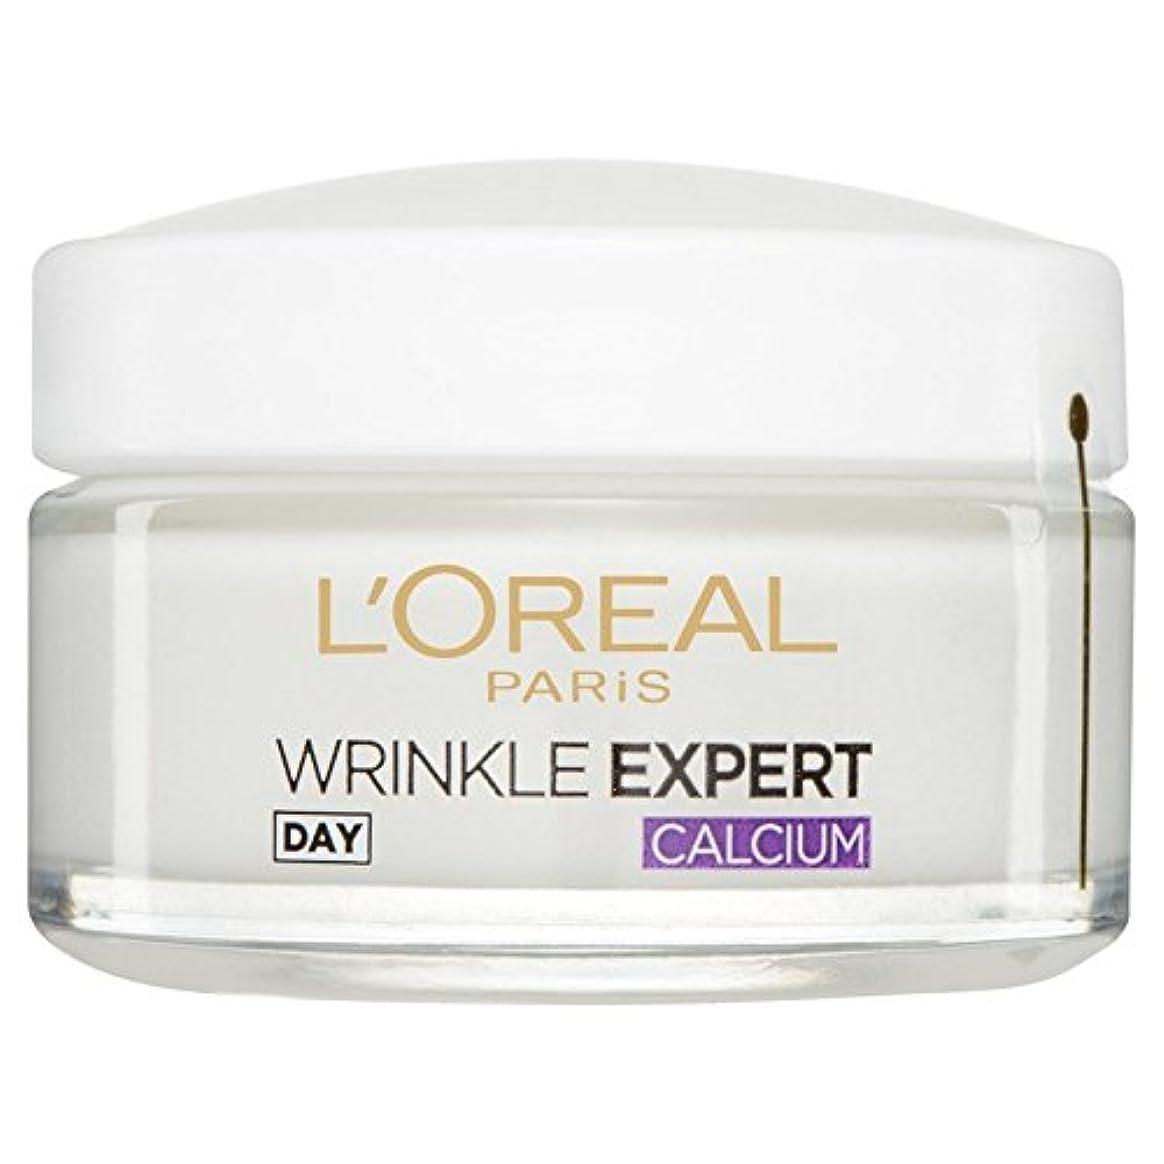 抽出添付形容詞L'Or?al Paris Dermo Experties Wrinkle Expert 55+ Calcium Day Pot 50ml - ロレアルパリ?ダーモしわの専門家55+カルシウム日間のポット50ミリリットル...